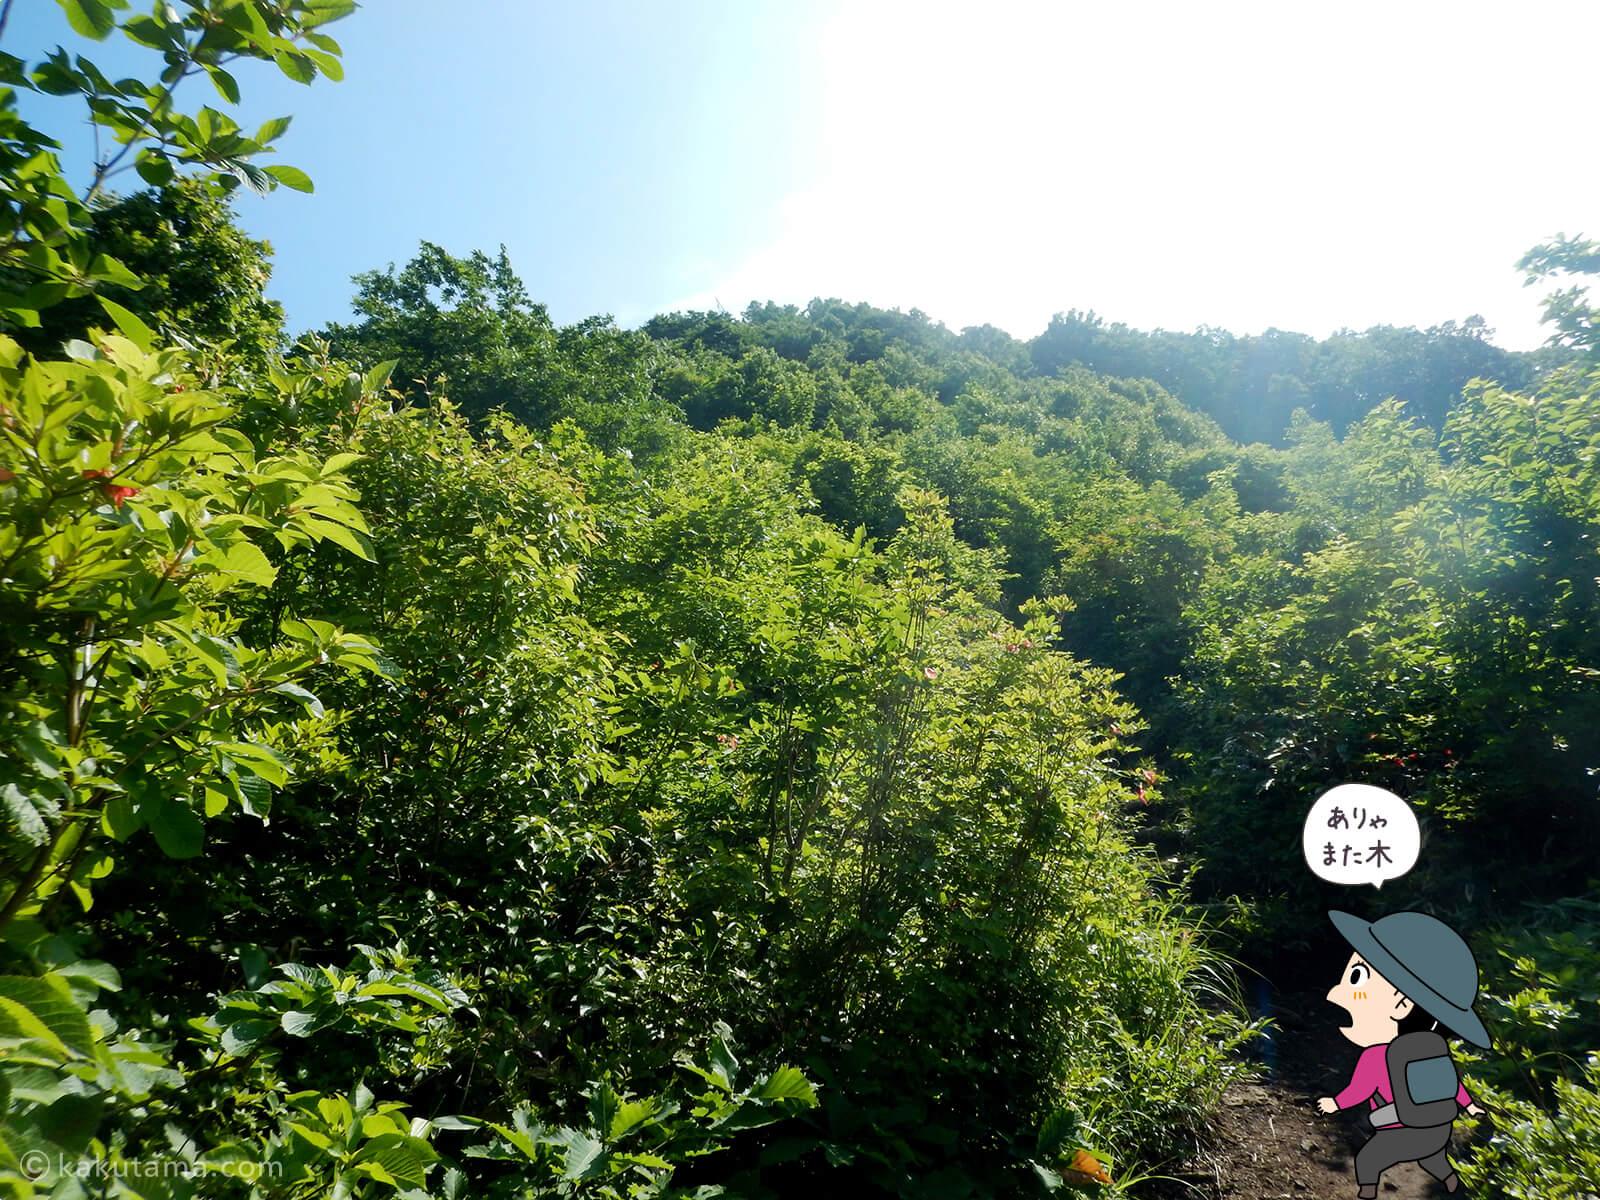 松手山登山コースを登る5